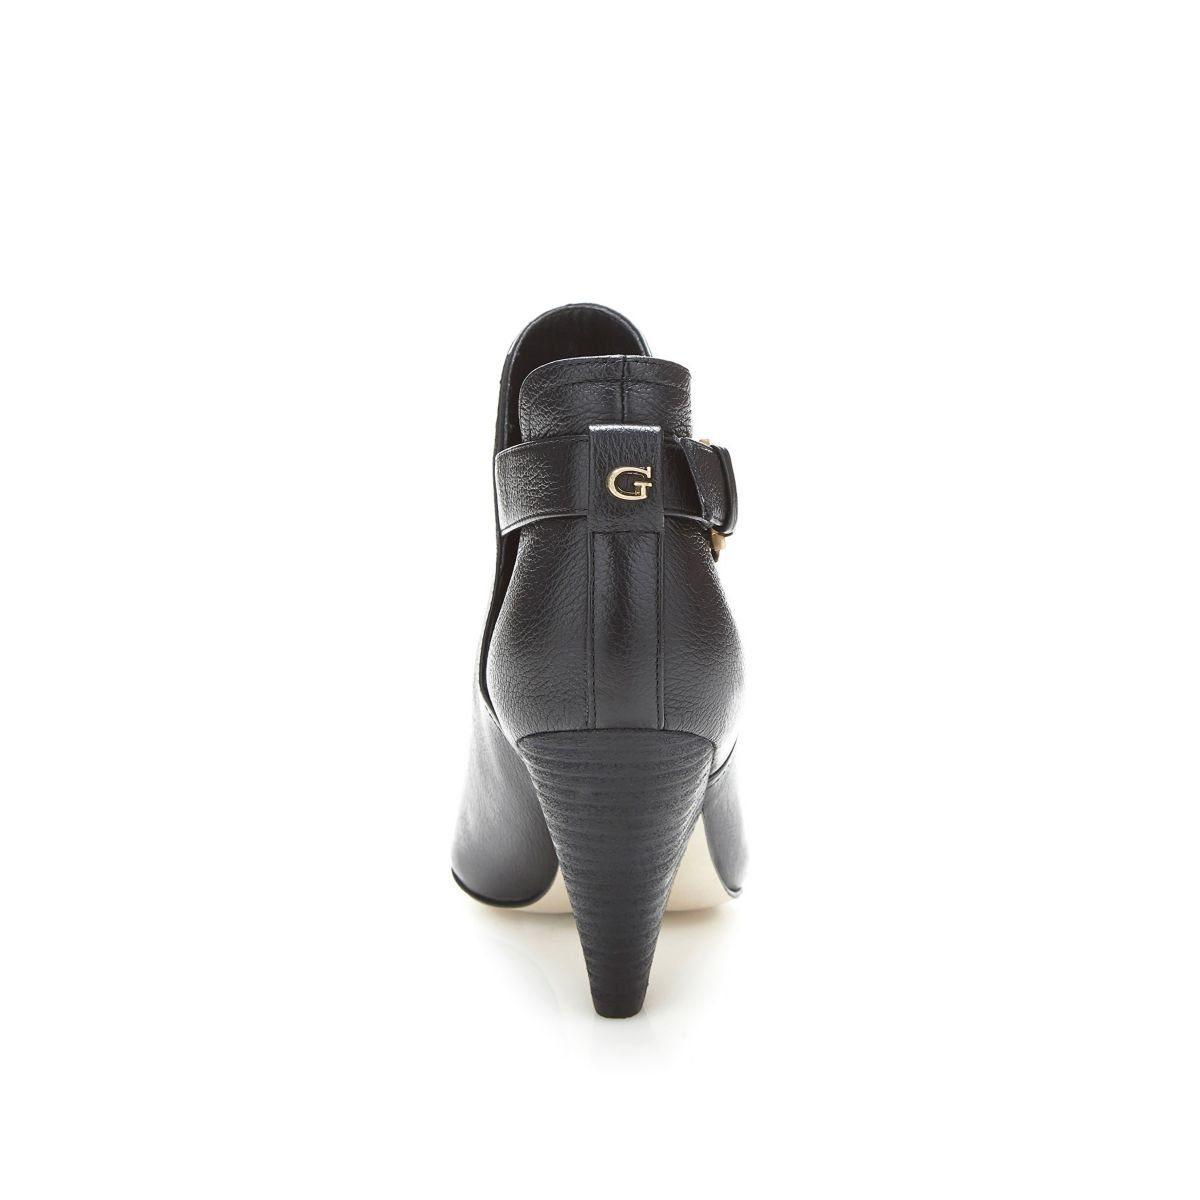 Guess Stiefel online kaufen  schwarz schwarz  a447b6